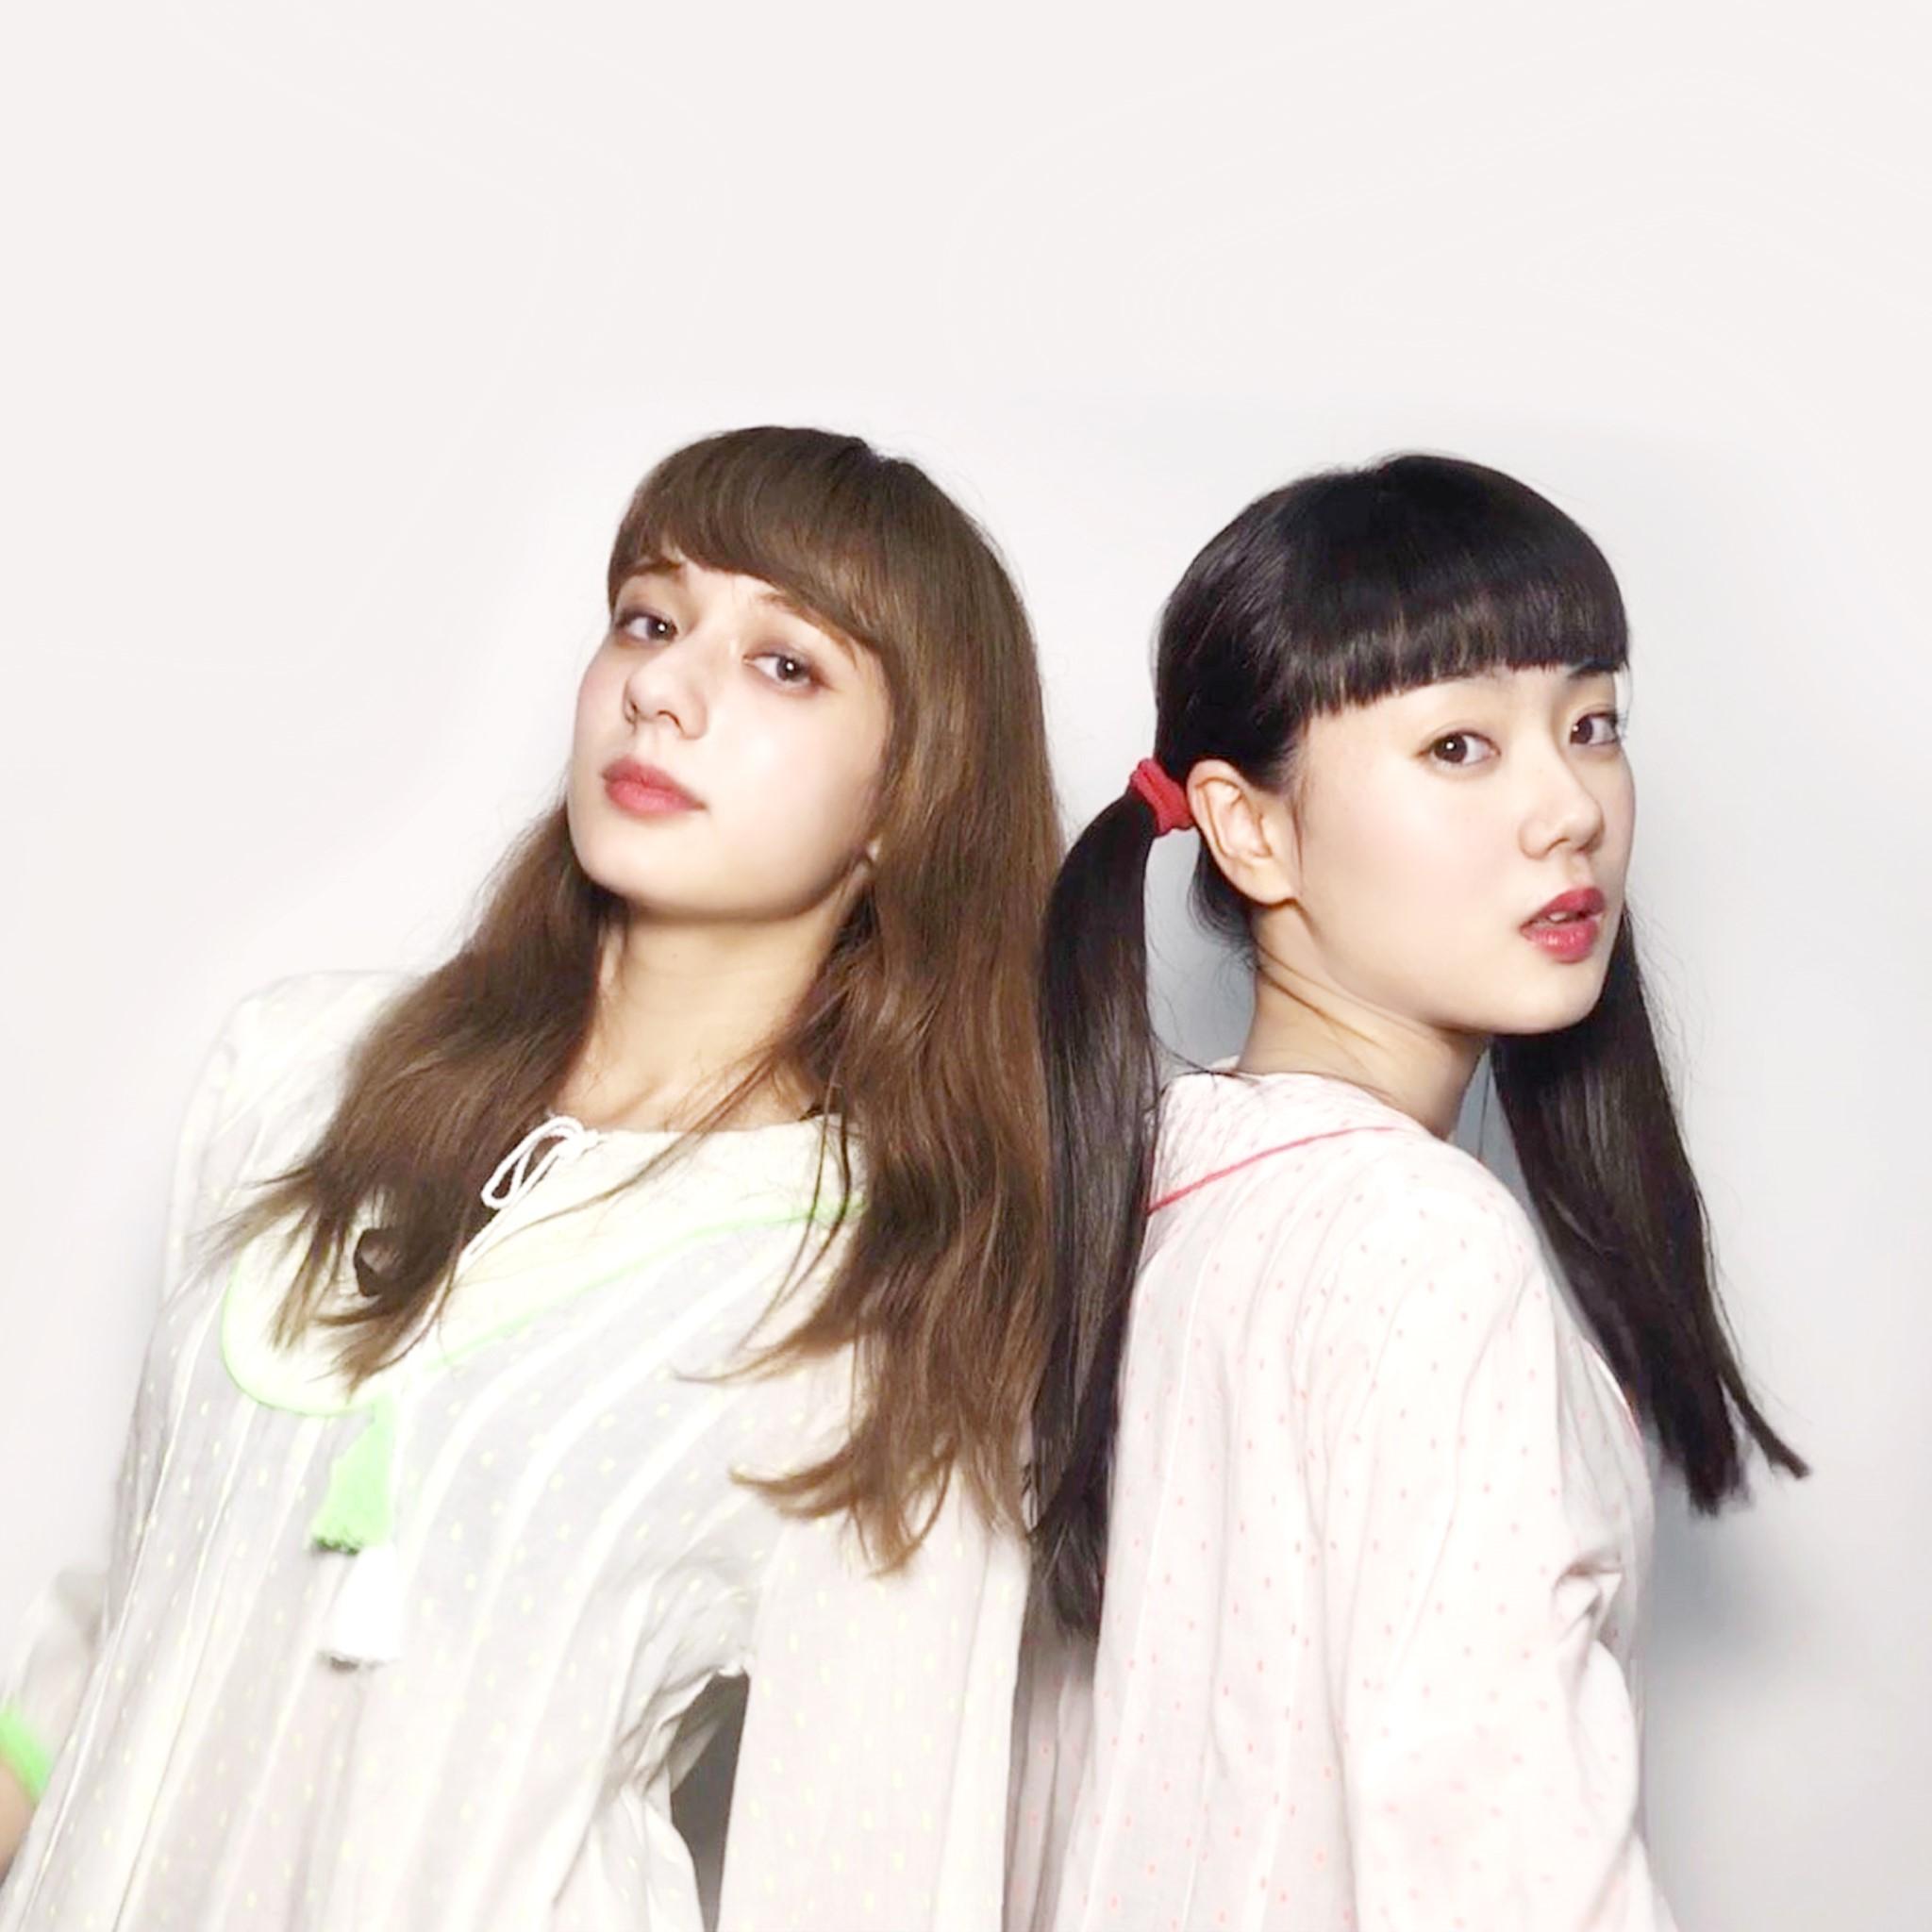 あヴぁんだんど 小鳥こたお卒業記念ツアー<SUDACHI TOUR -大阪->